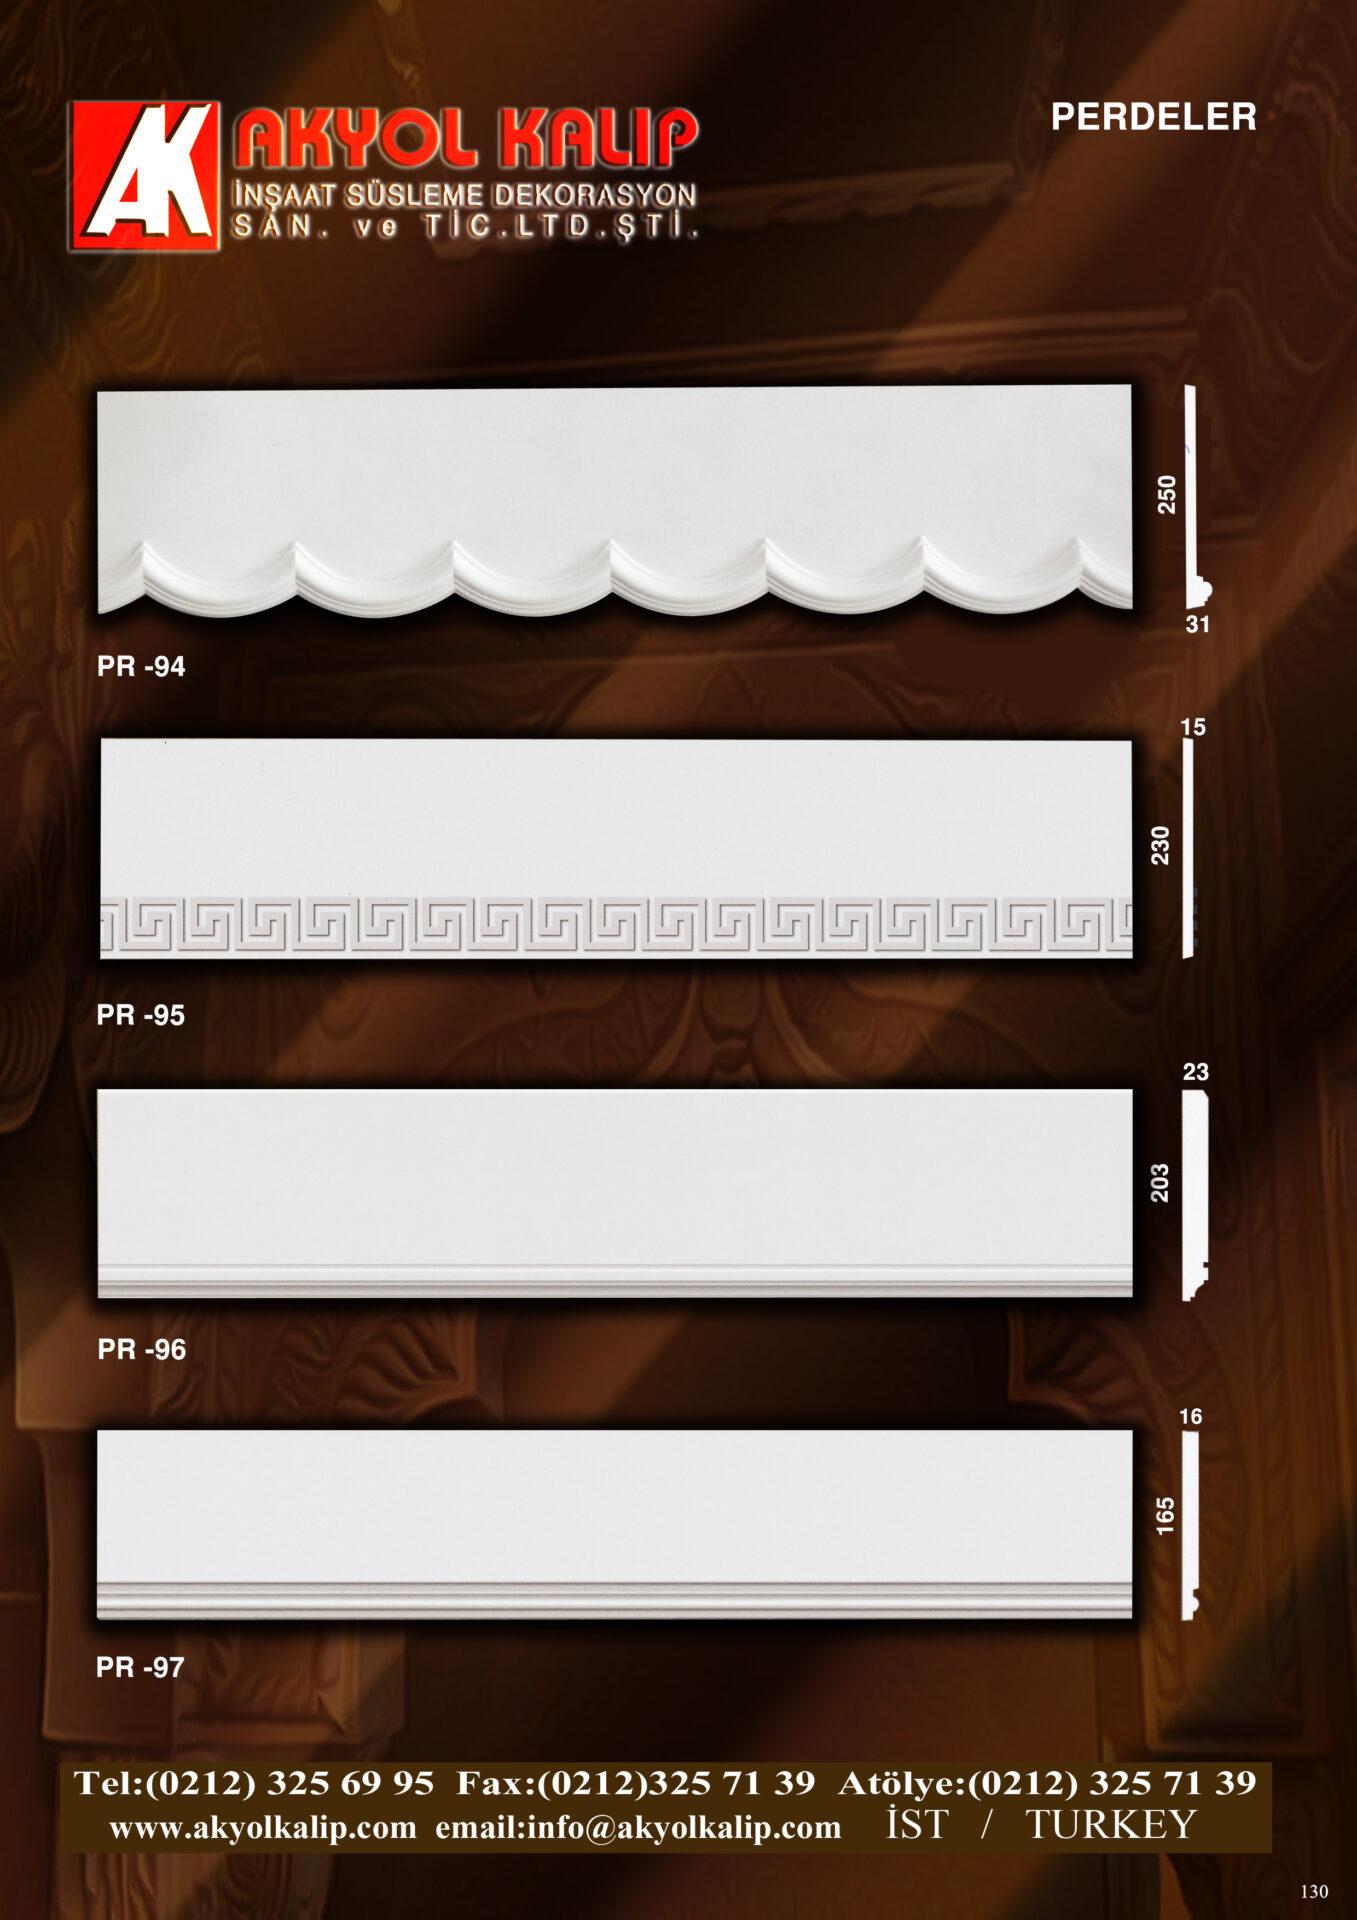 polyester perdelik kalıbı, perdelik alçı kalibi, perdelik modelleri, korniş modelleri, saçaklı perdelik, perdeler, perdelikler, polyester kalıp, alçi kalip, alçı kalıp